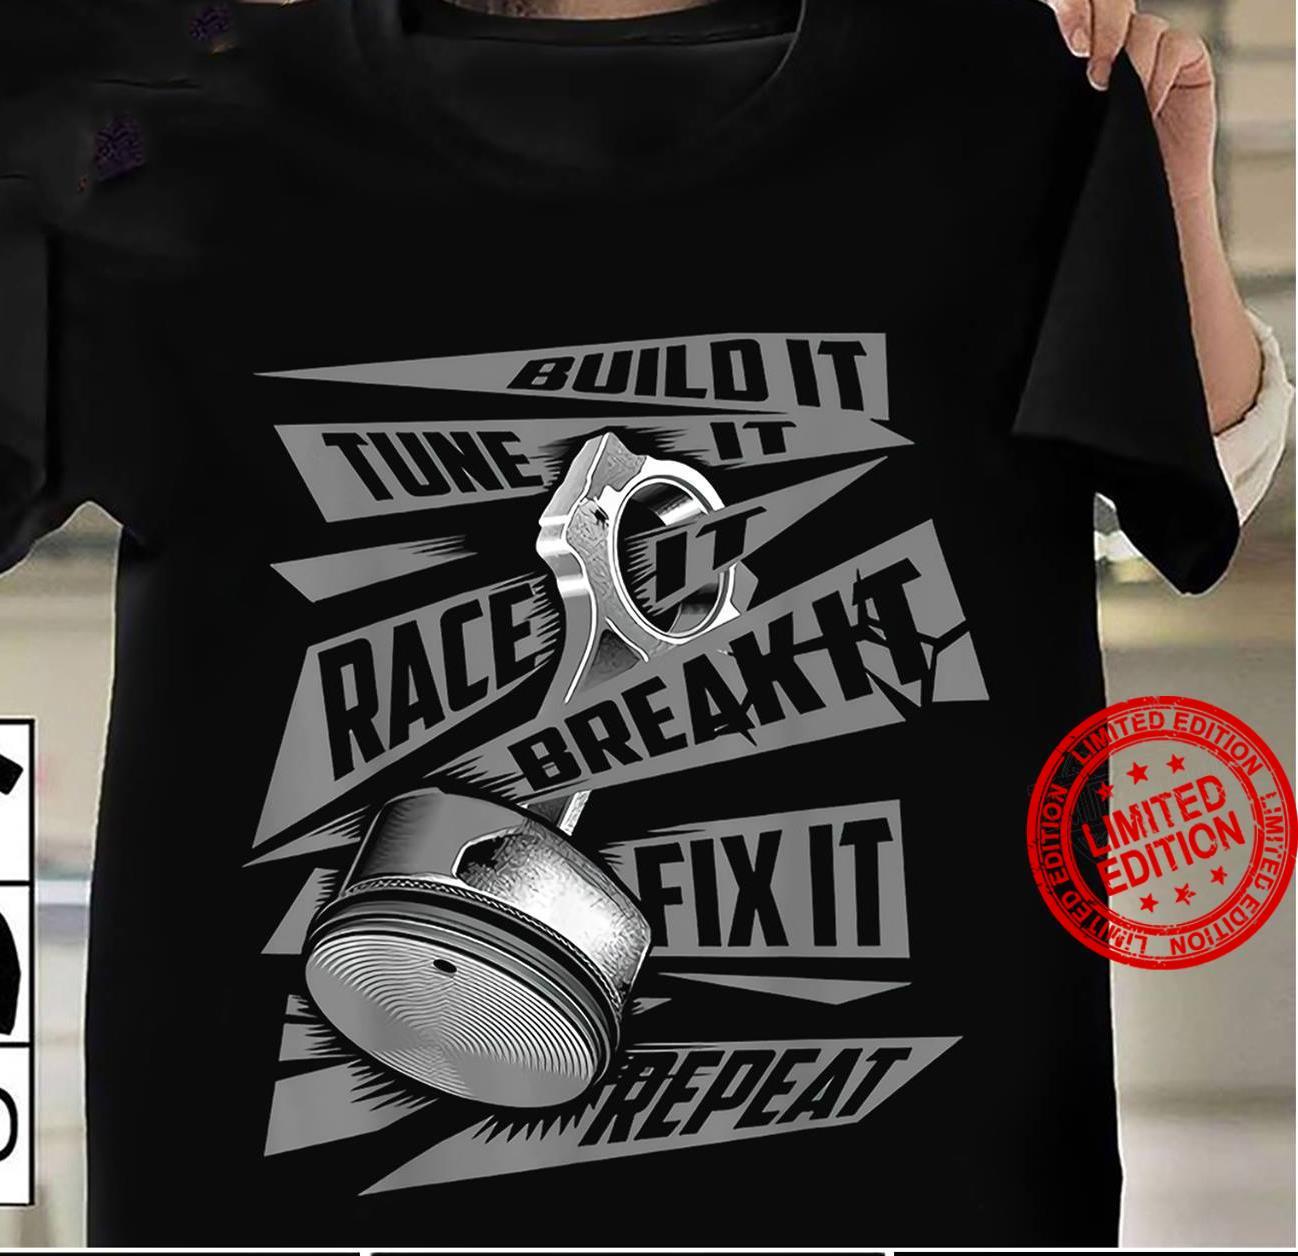 Build It Tune It Race Break It Fix It Repeat Shirt